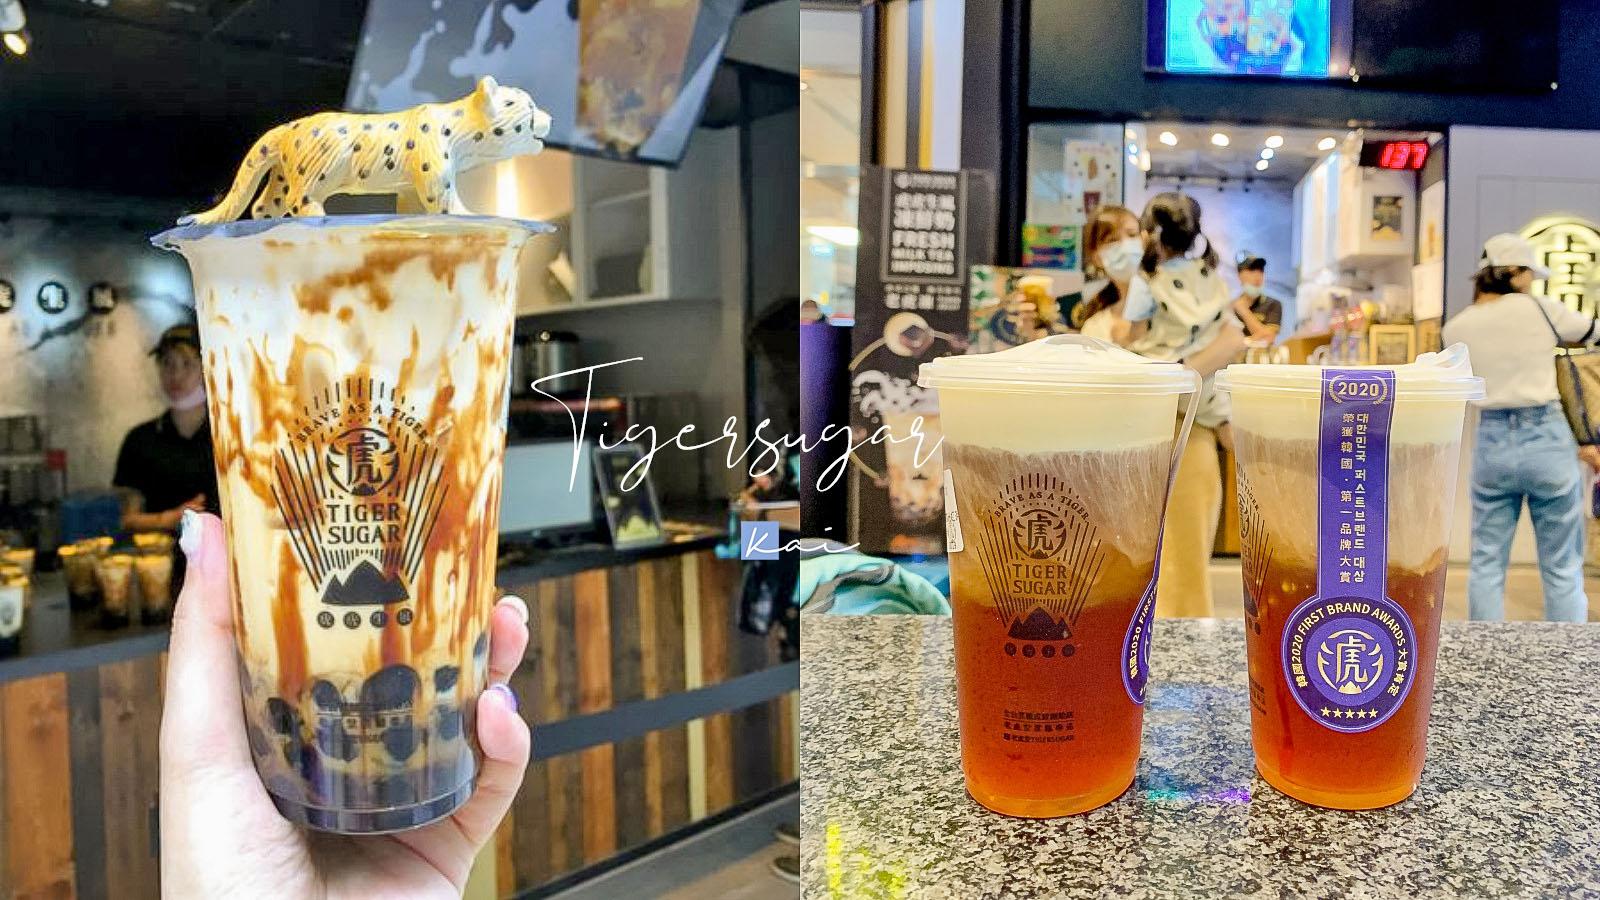 網站近期文章:☆【台北】老虎堂虎紋黑糖不夠看,紅茶拿鐵更好喝!今晚打老虎XD